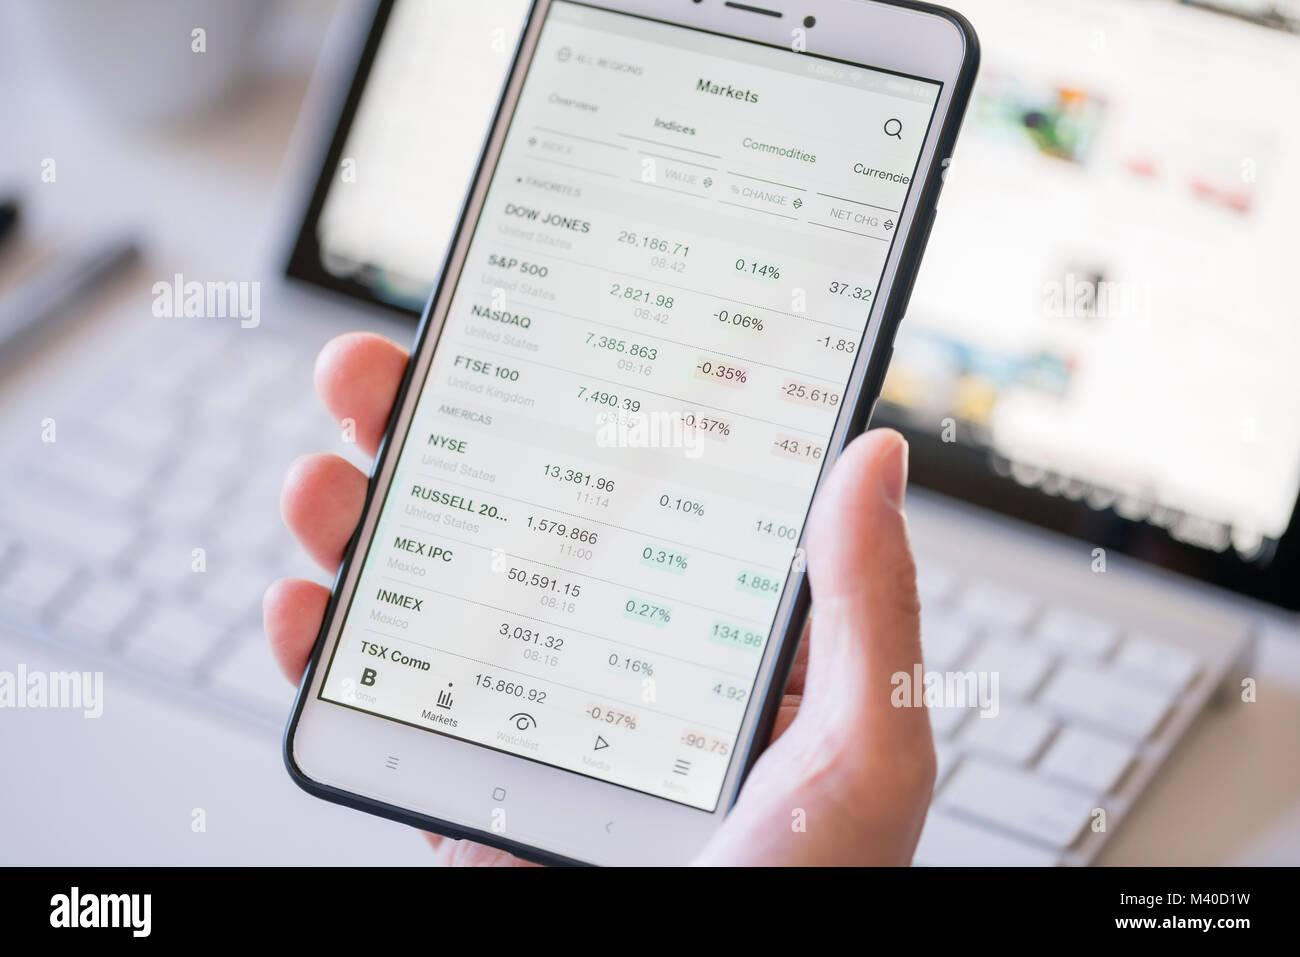 Comprobación de los índices bursátiles en un smartphone Imagen De Stock